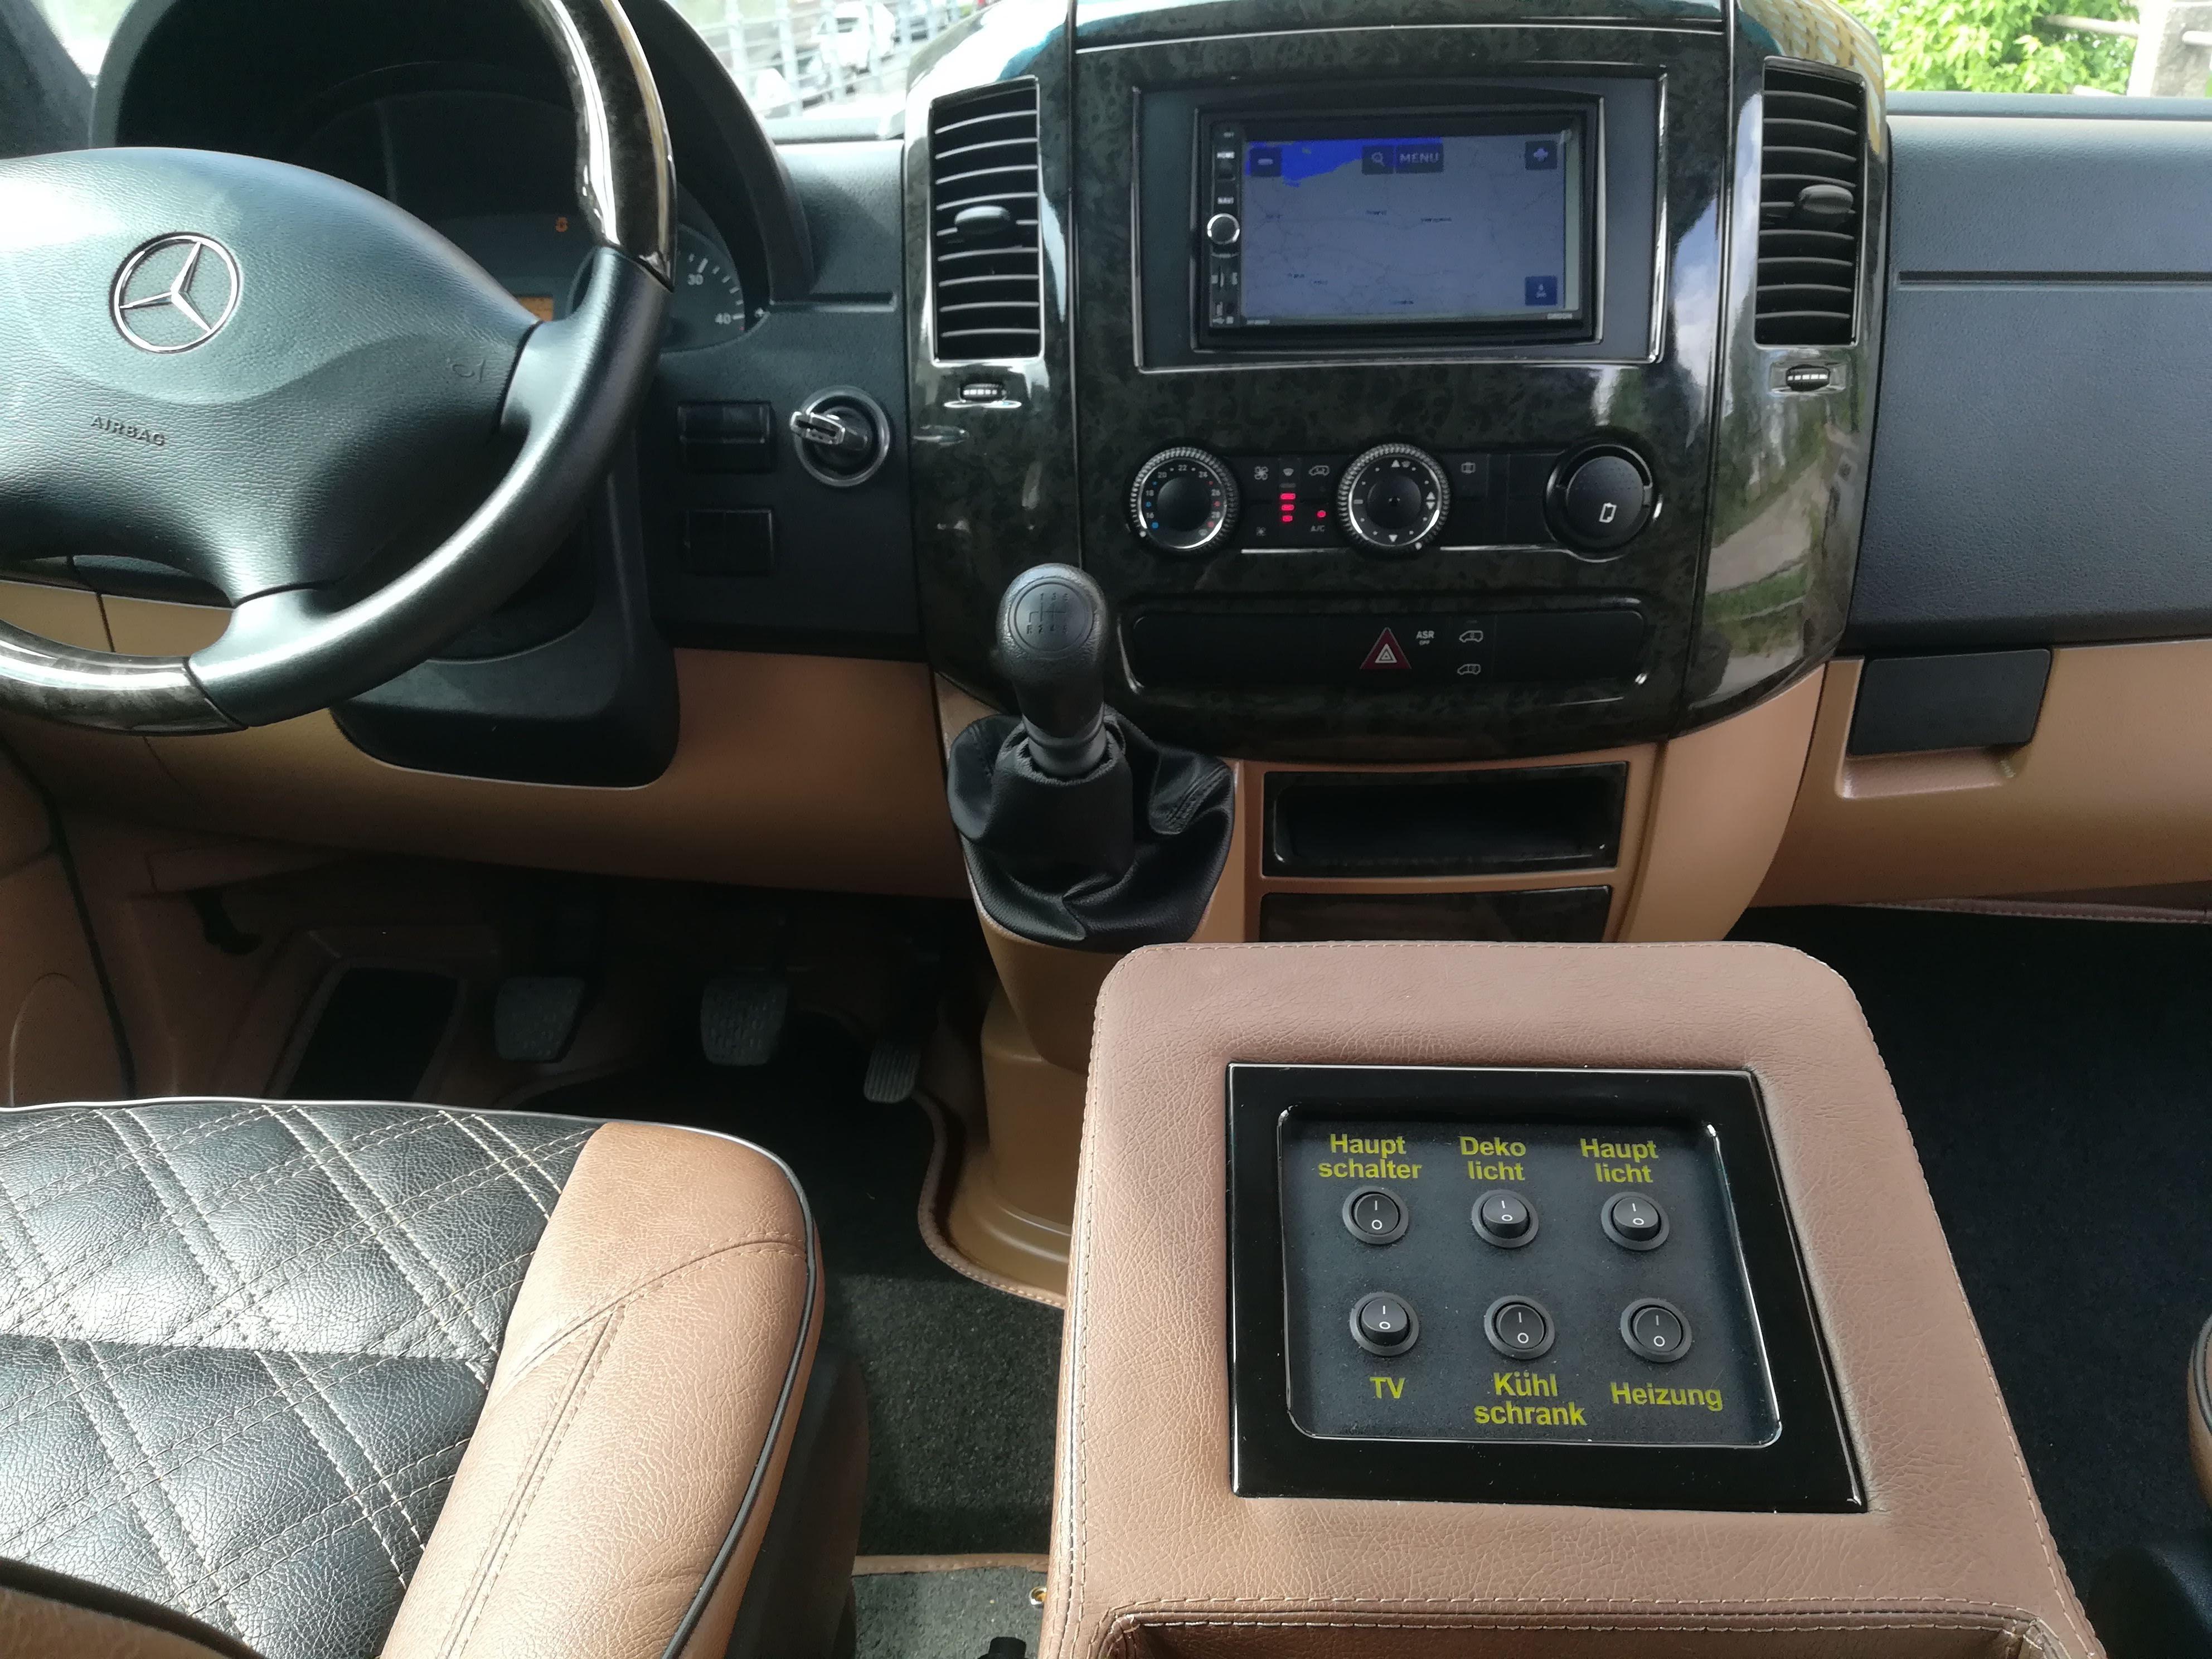 Easyrent luksus minibussi keskikonsoli